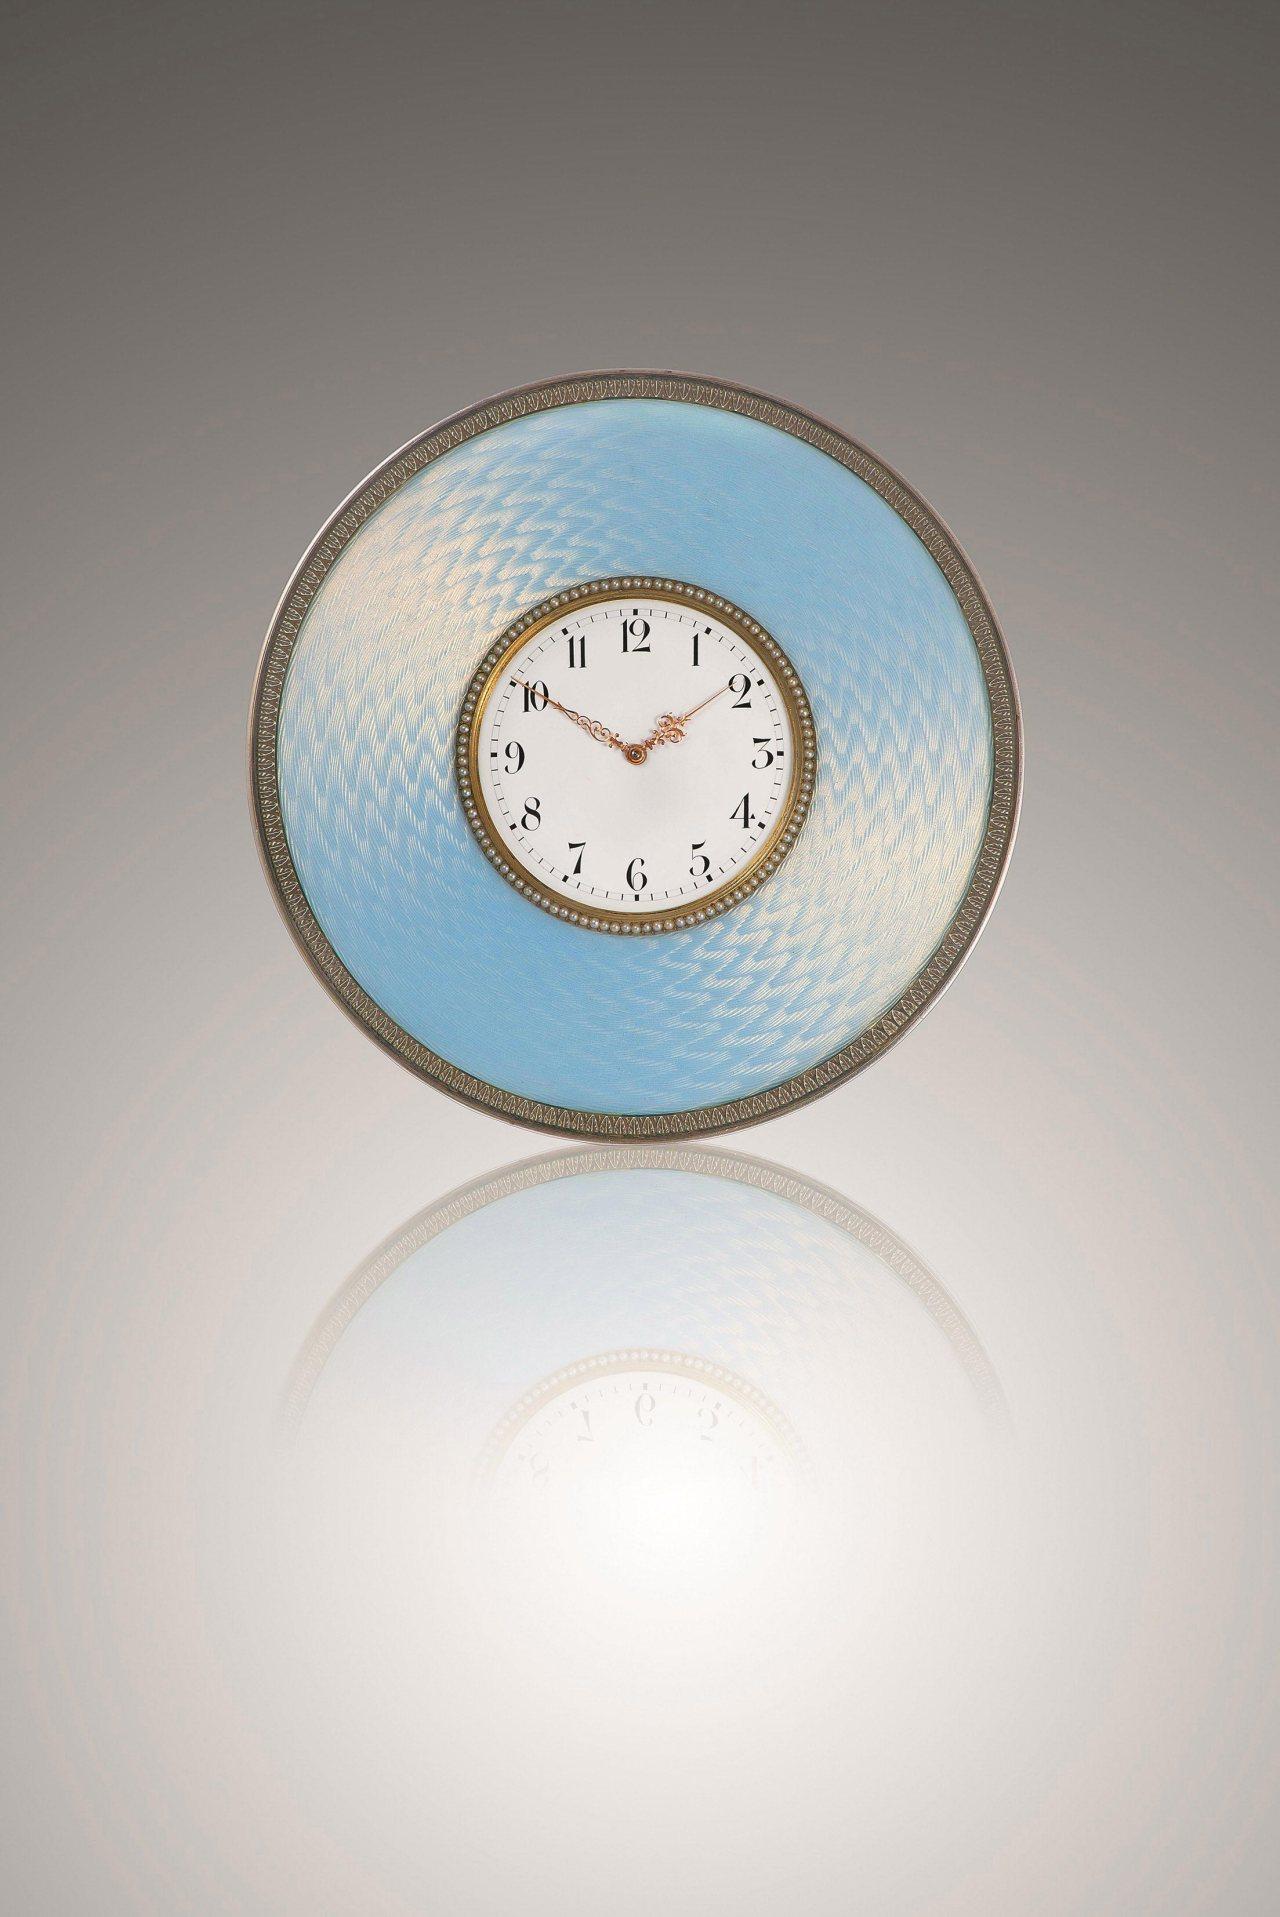 Faberge_clock_HMC_calibre_002_LR2